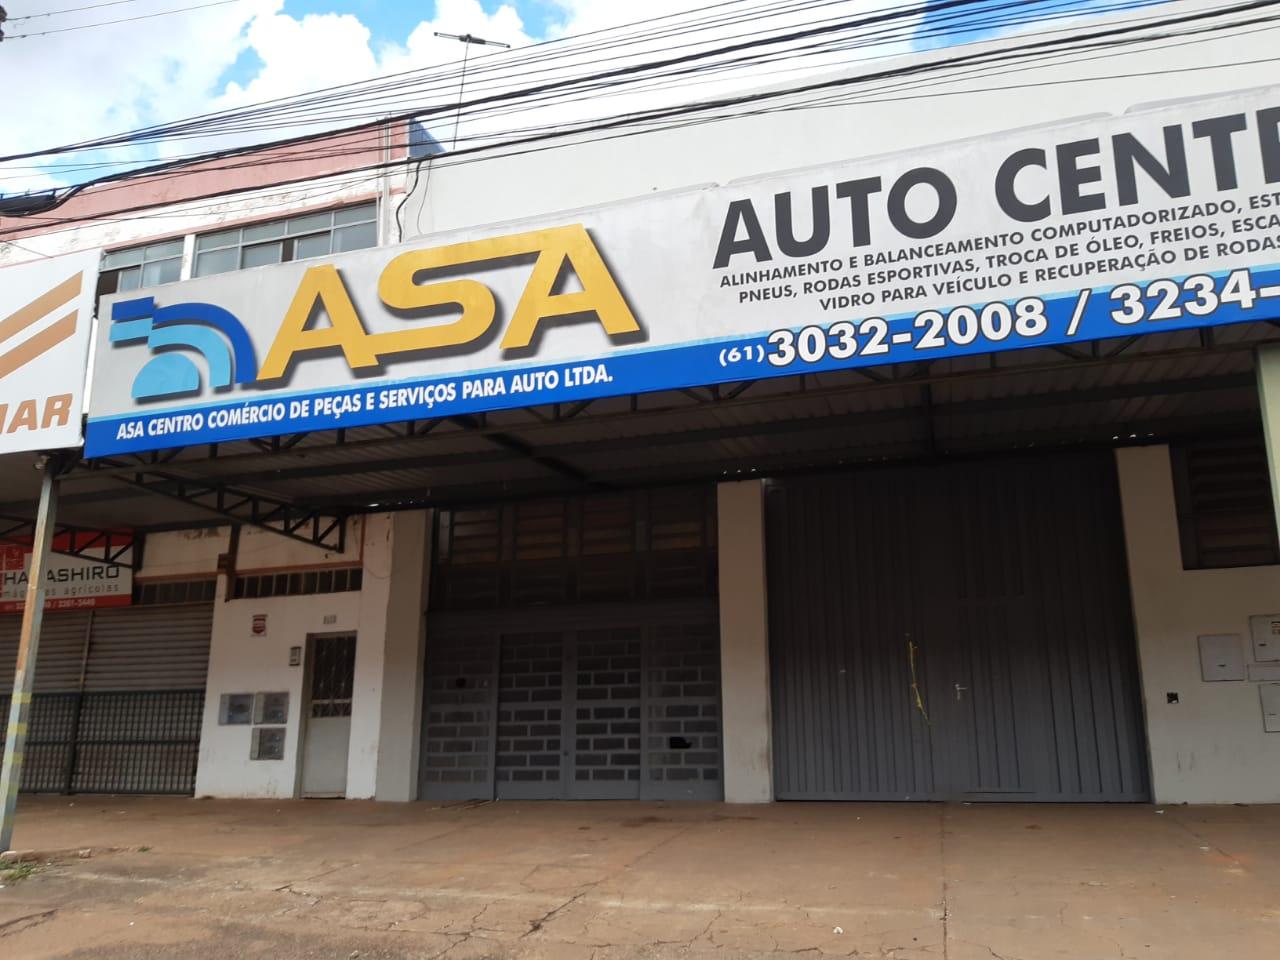 Asa Auto Centro, SIA Trecho 5, Comercio Brasilia